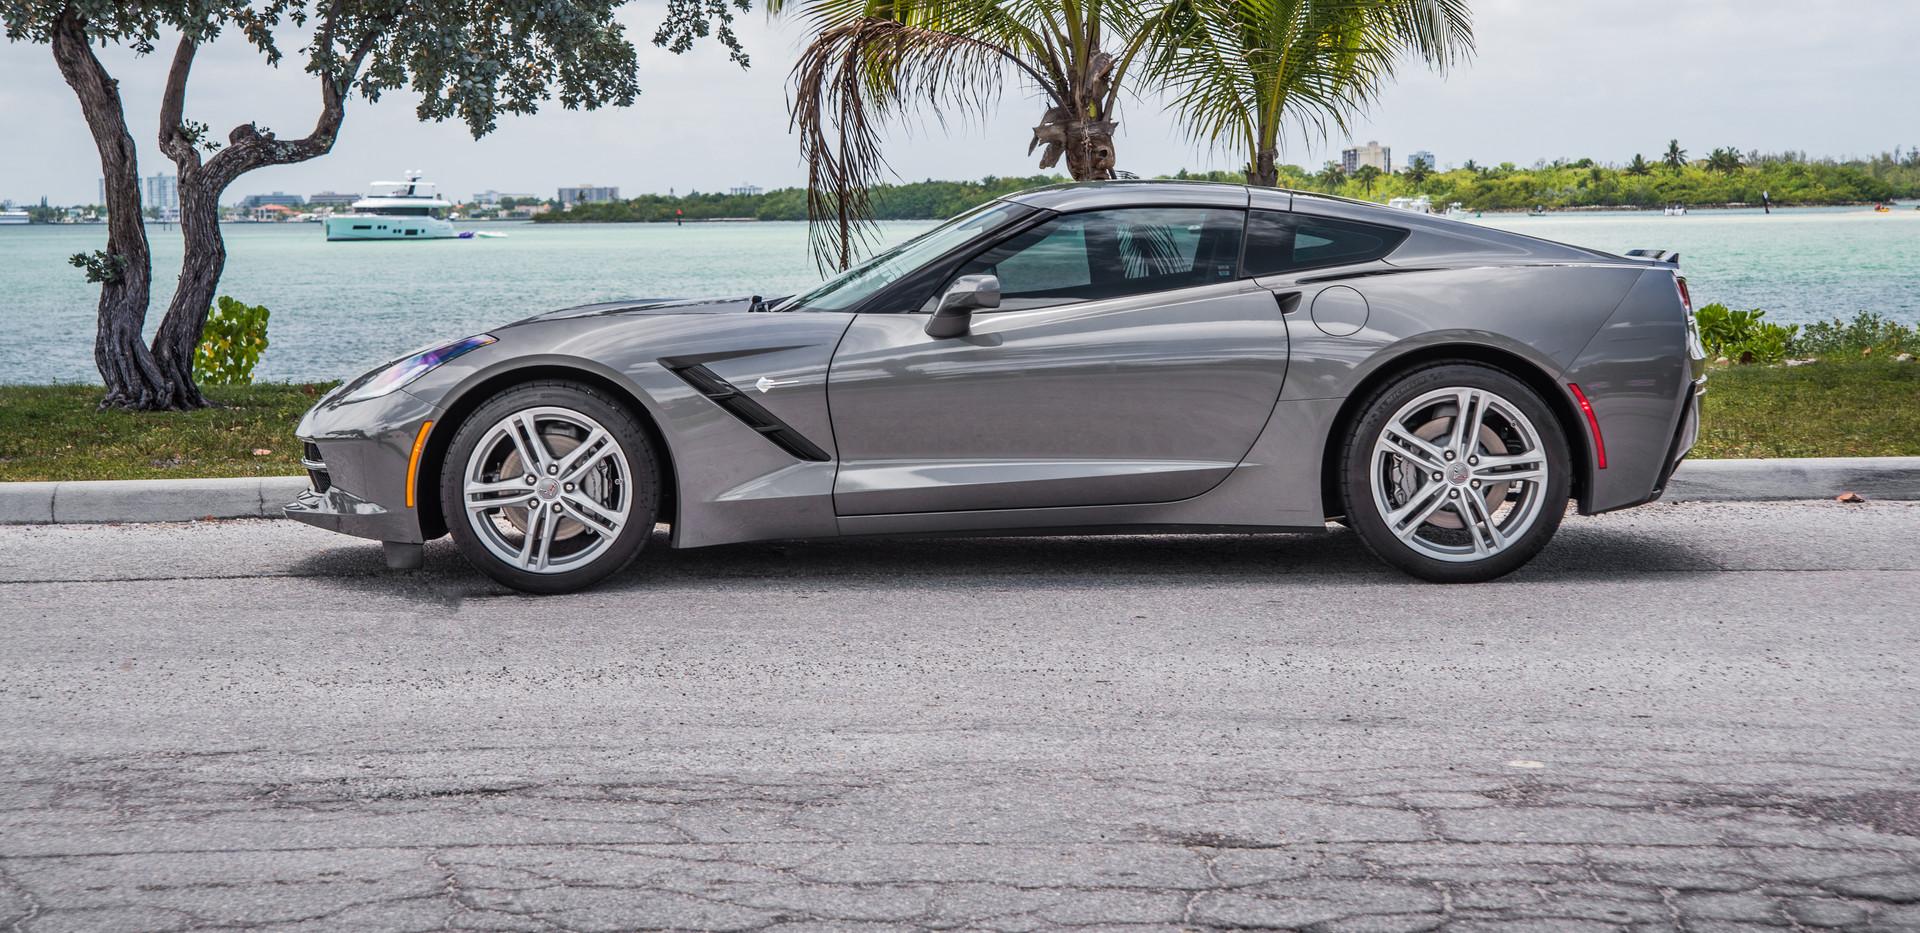 VIP Miami Auto Sport Car Rentals